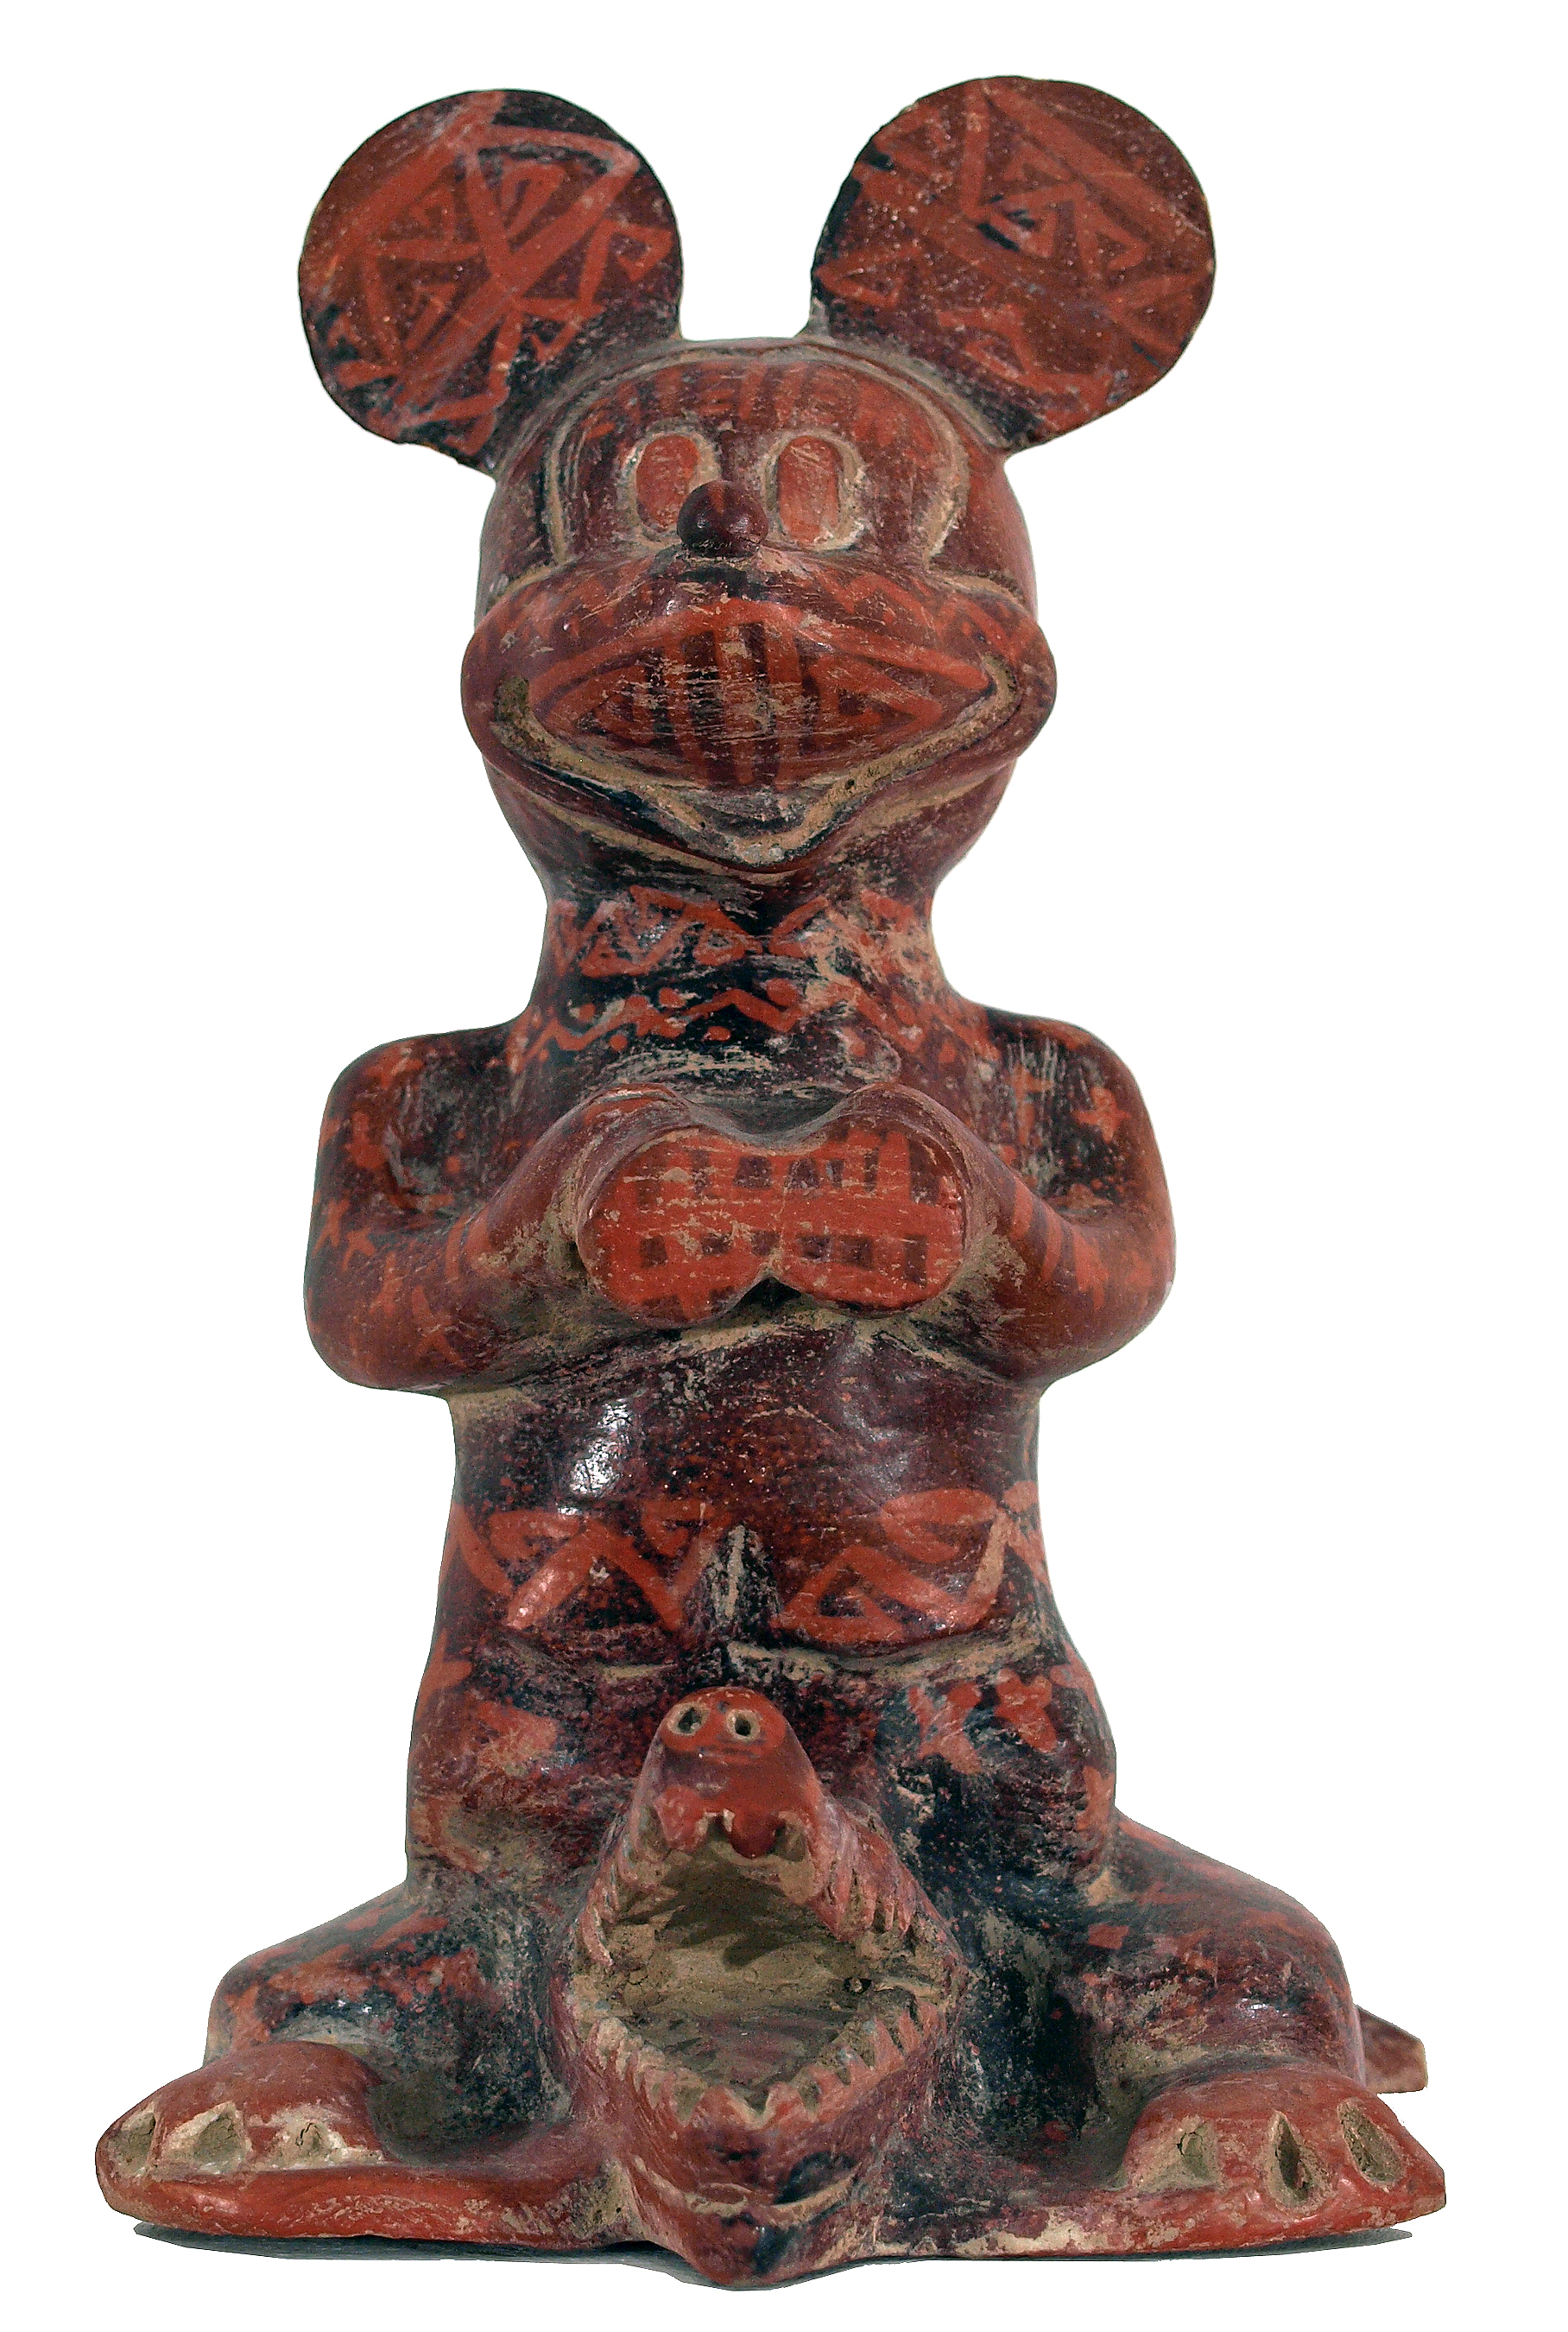 Explorador, 2004, 13.8 x 8.3 x 10.7 inches, Ceramic